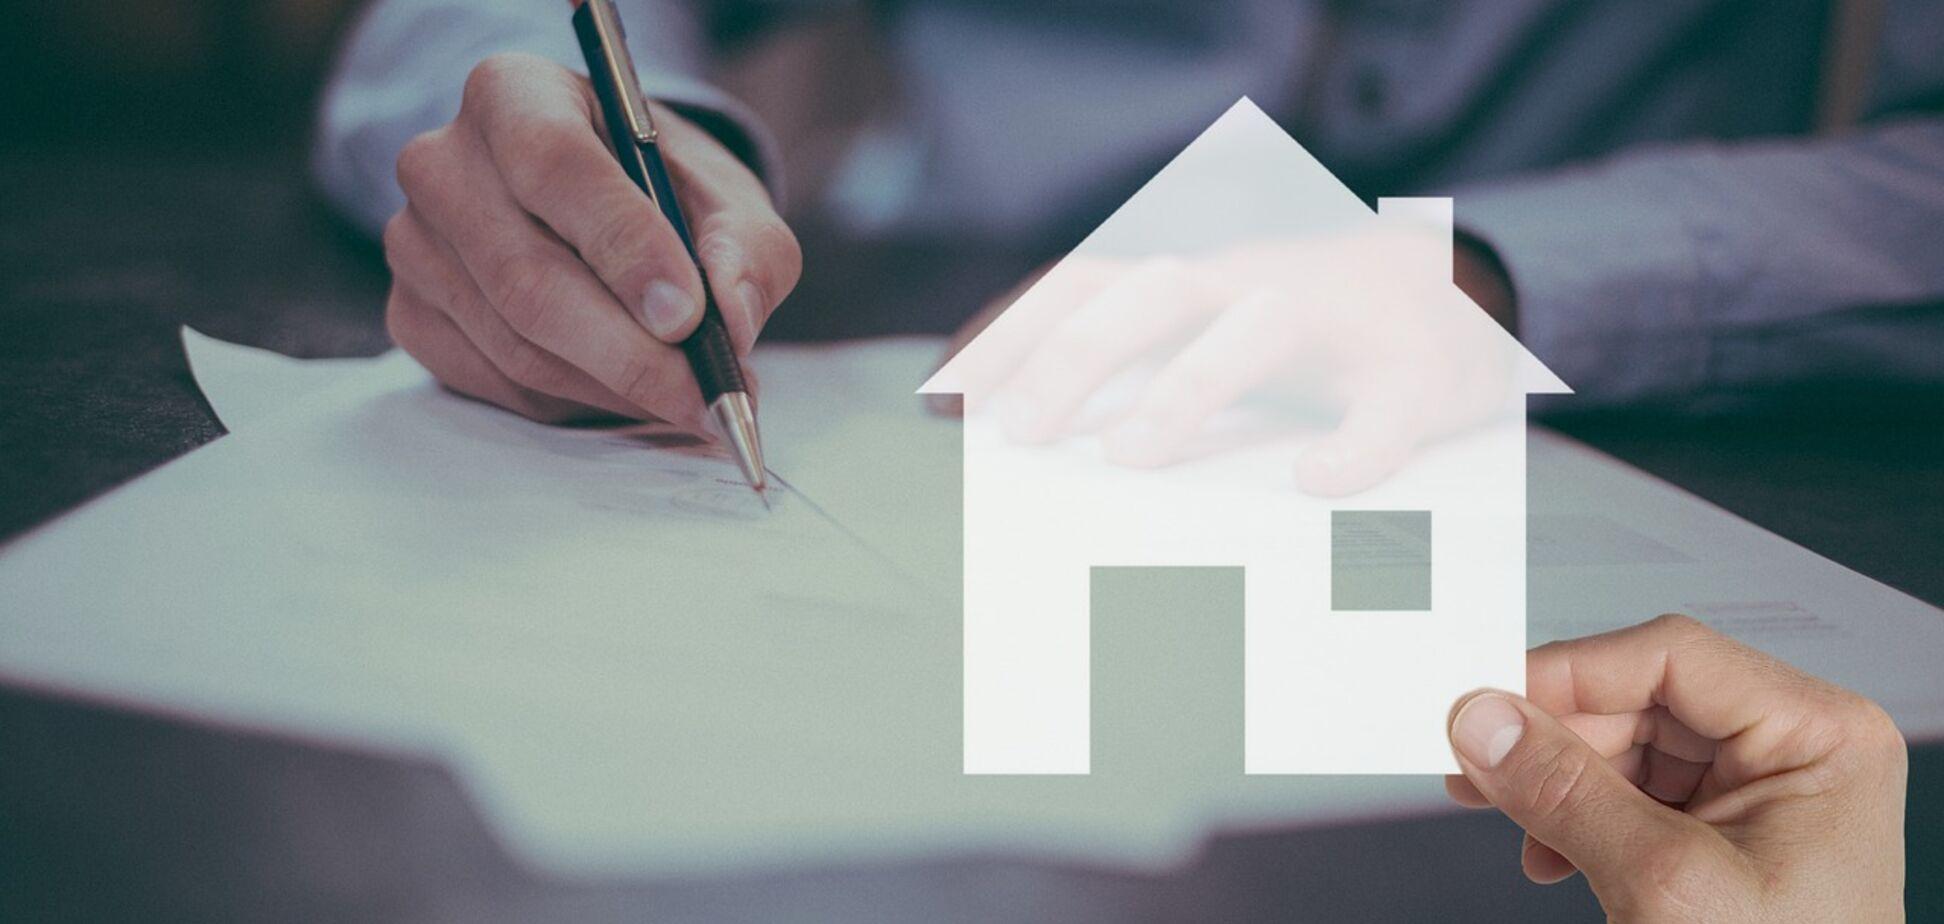 Качество строительных проектов повысит страхование – Парцхаладзе